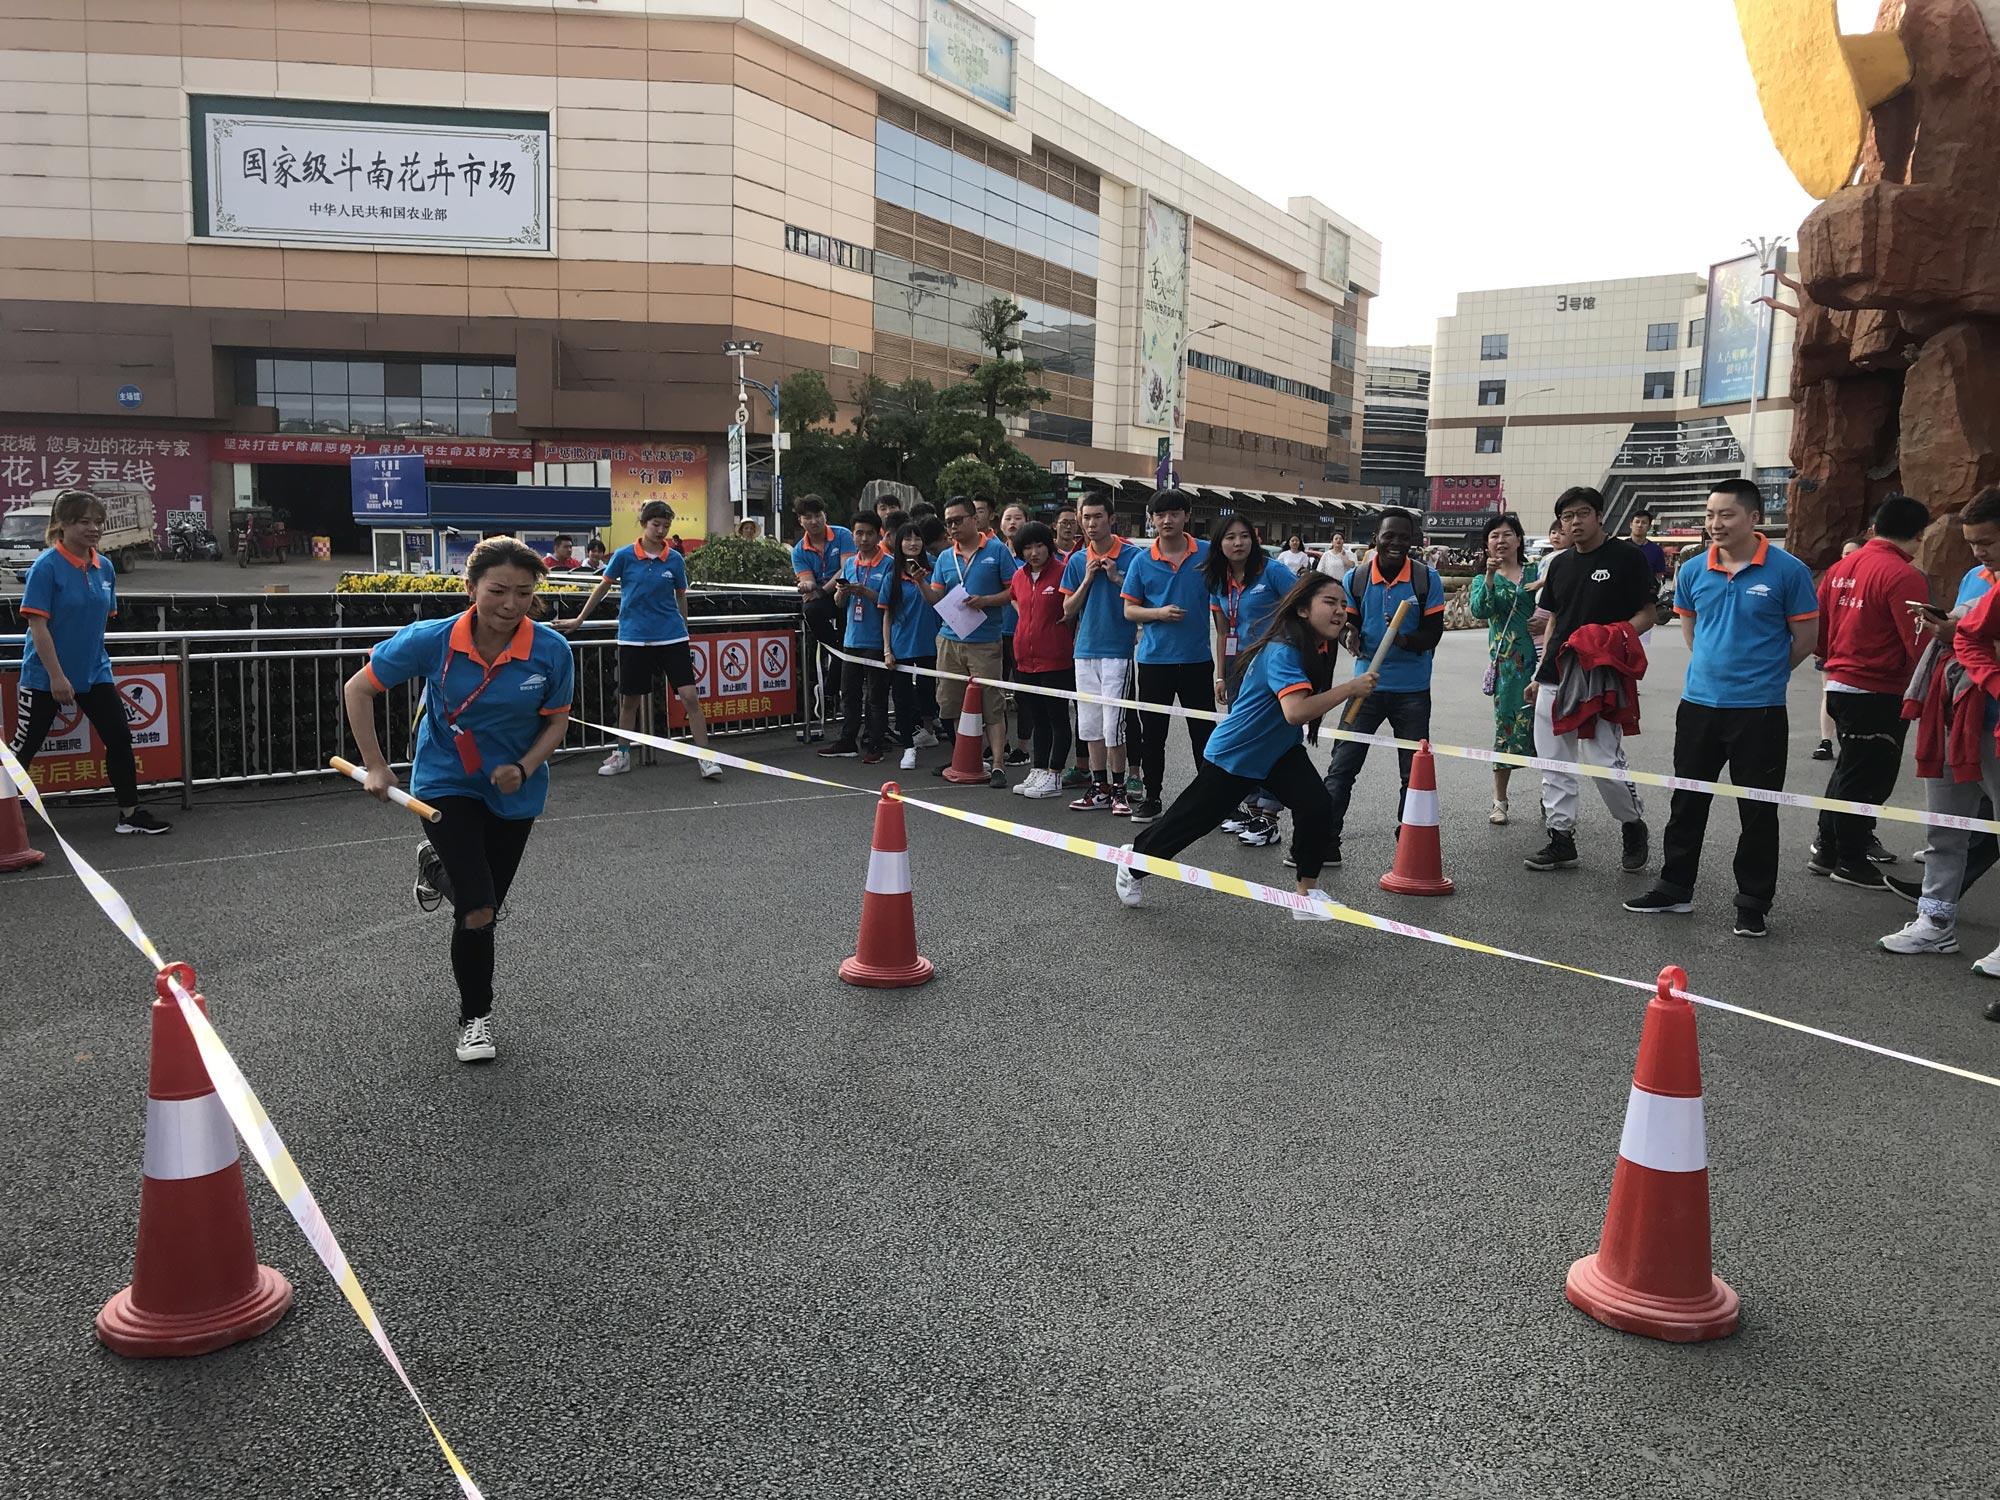 團建3-在接力賽中,大家都很努力,爭分奪秒的去與時間賽跑